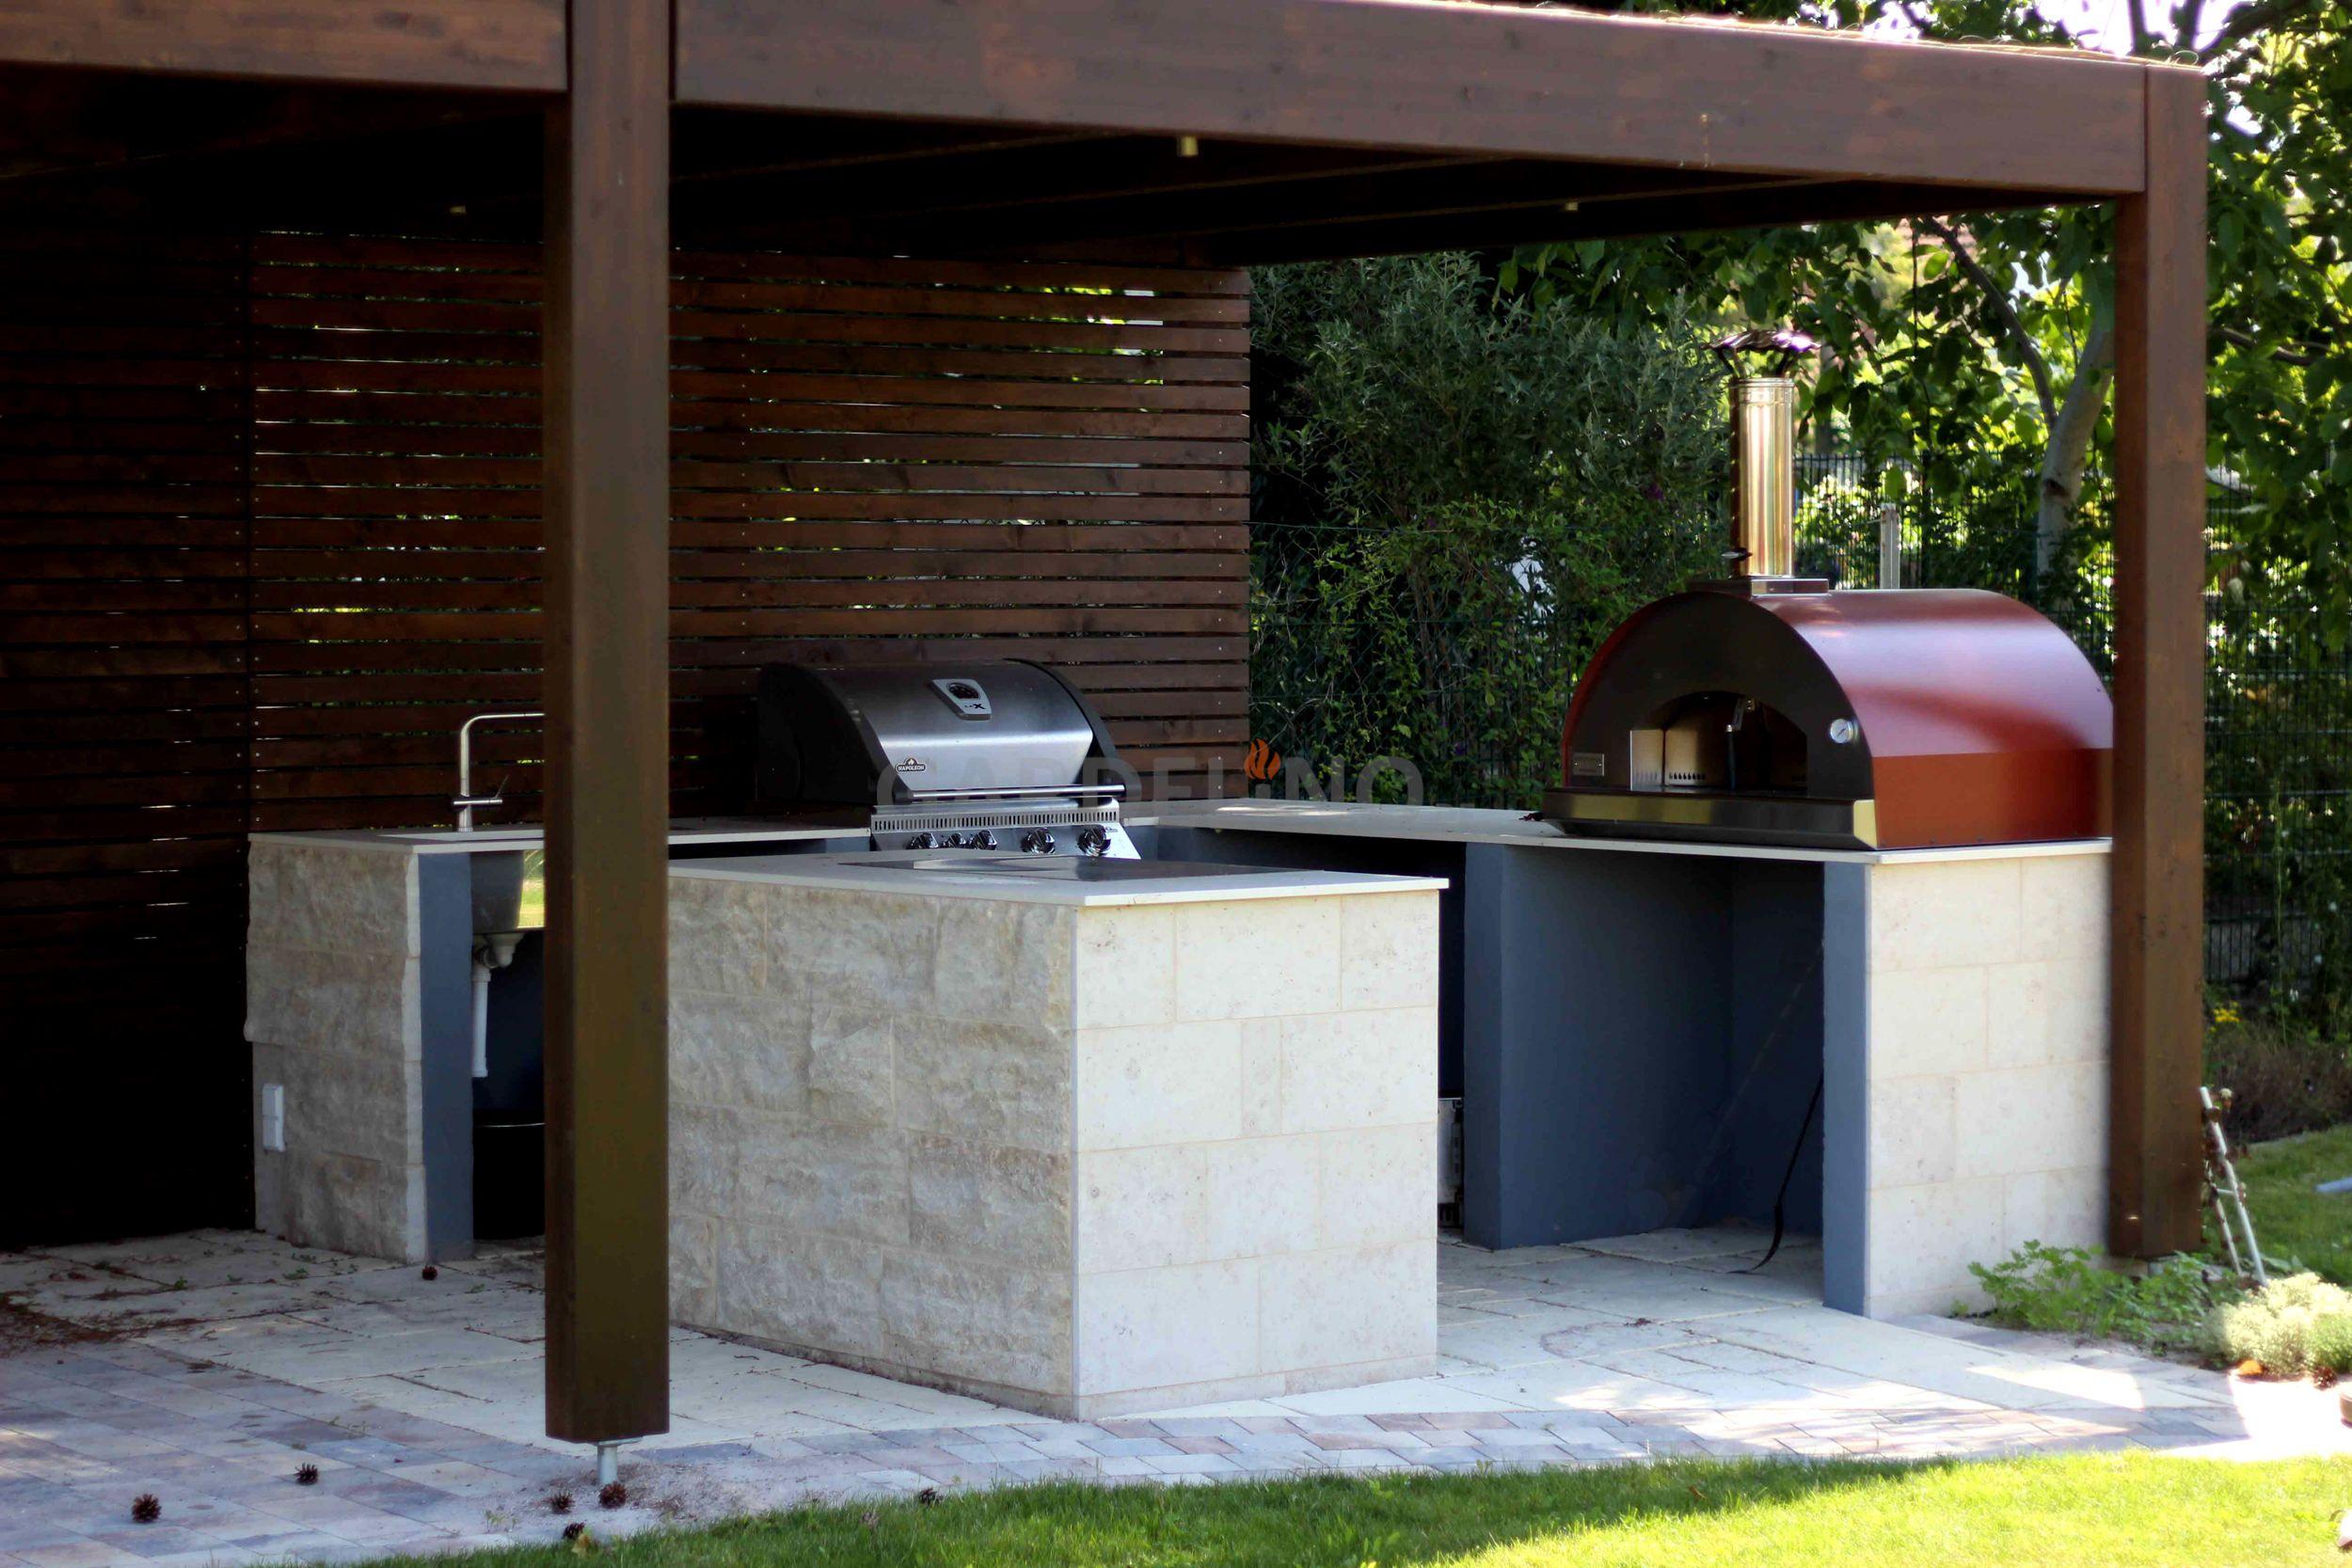 Außenküche Mit Pizzaofen : Außenküche im garten mit grill und pizzaofen auf großer terrasse